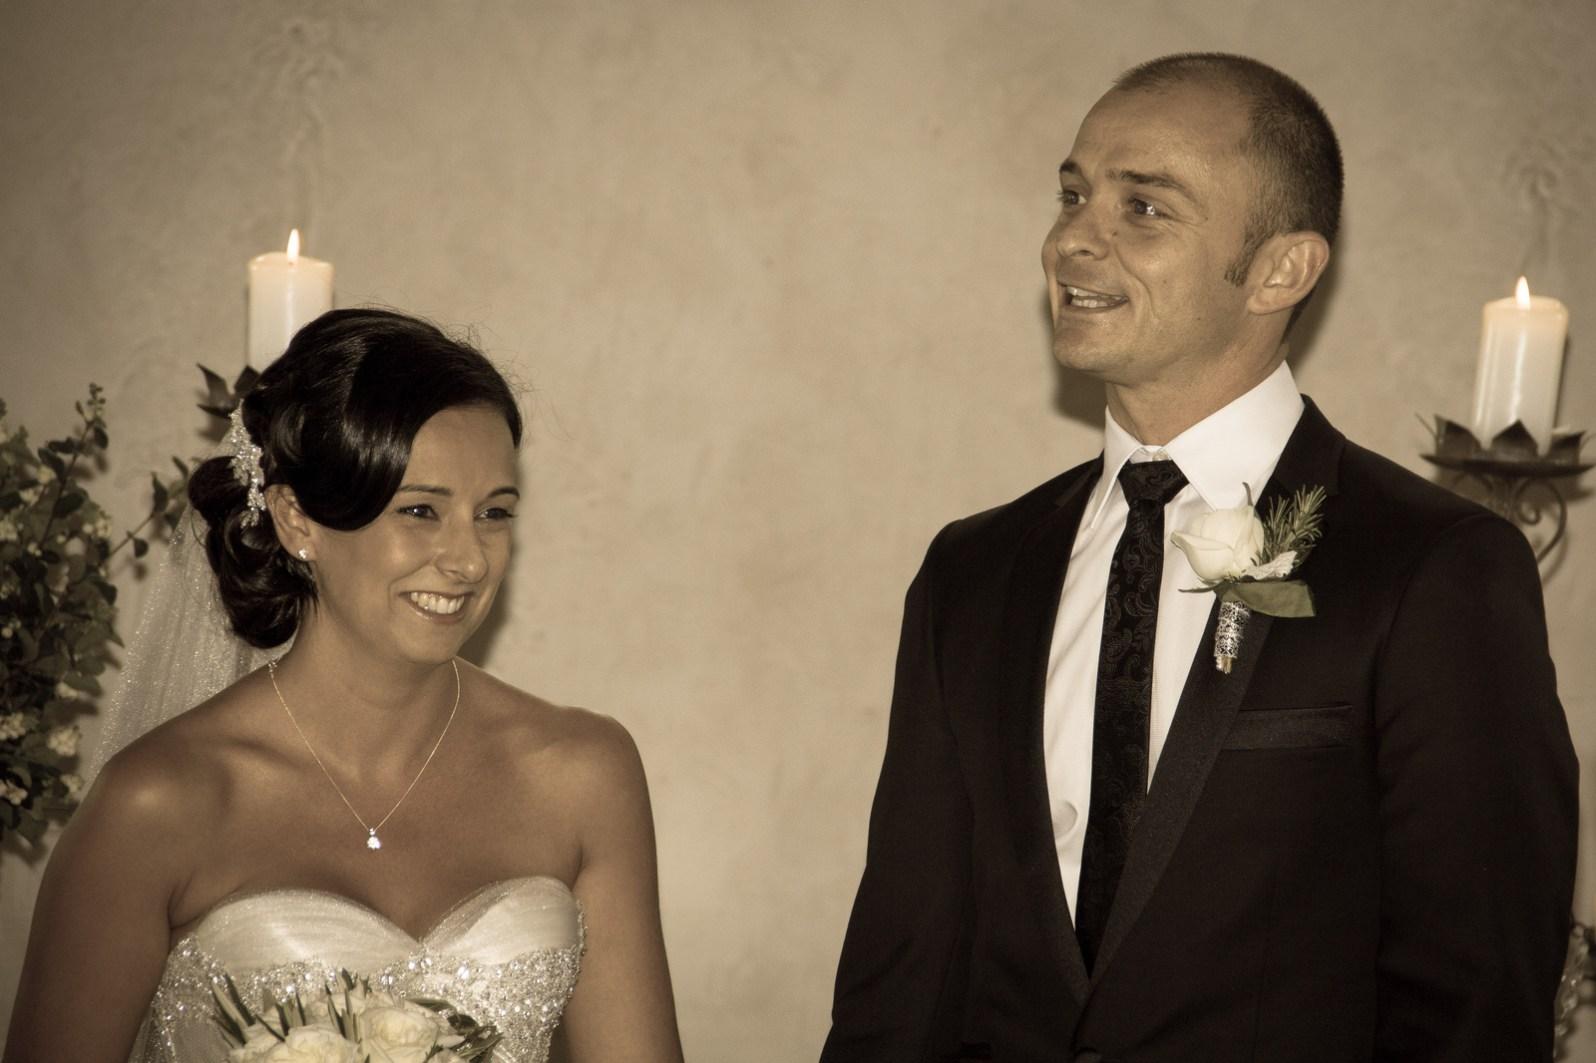 Nick & Julia standing in the wedding chapel